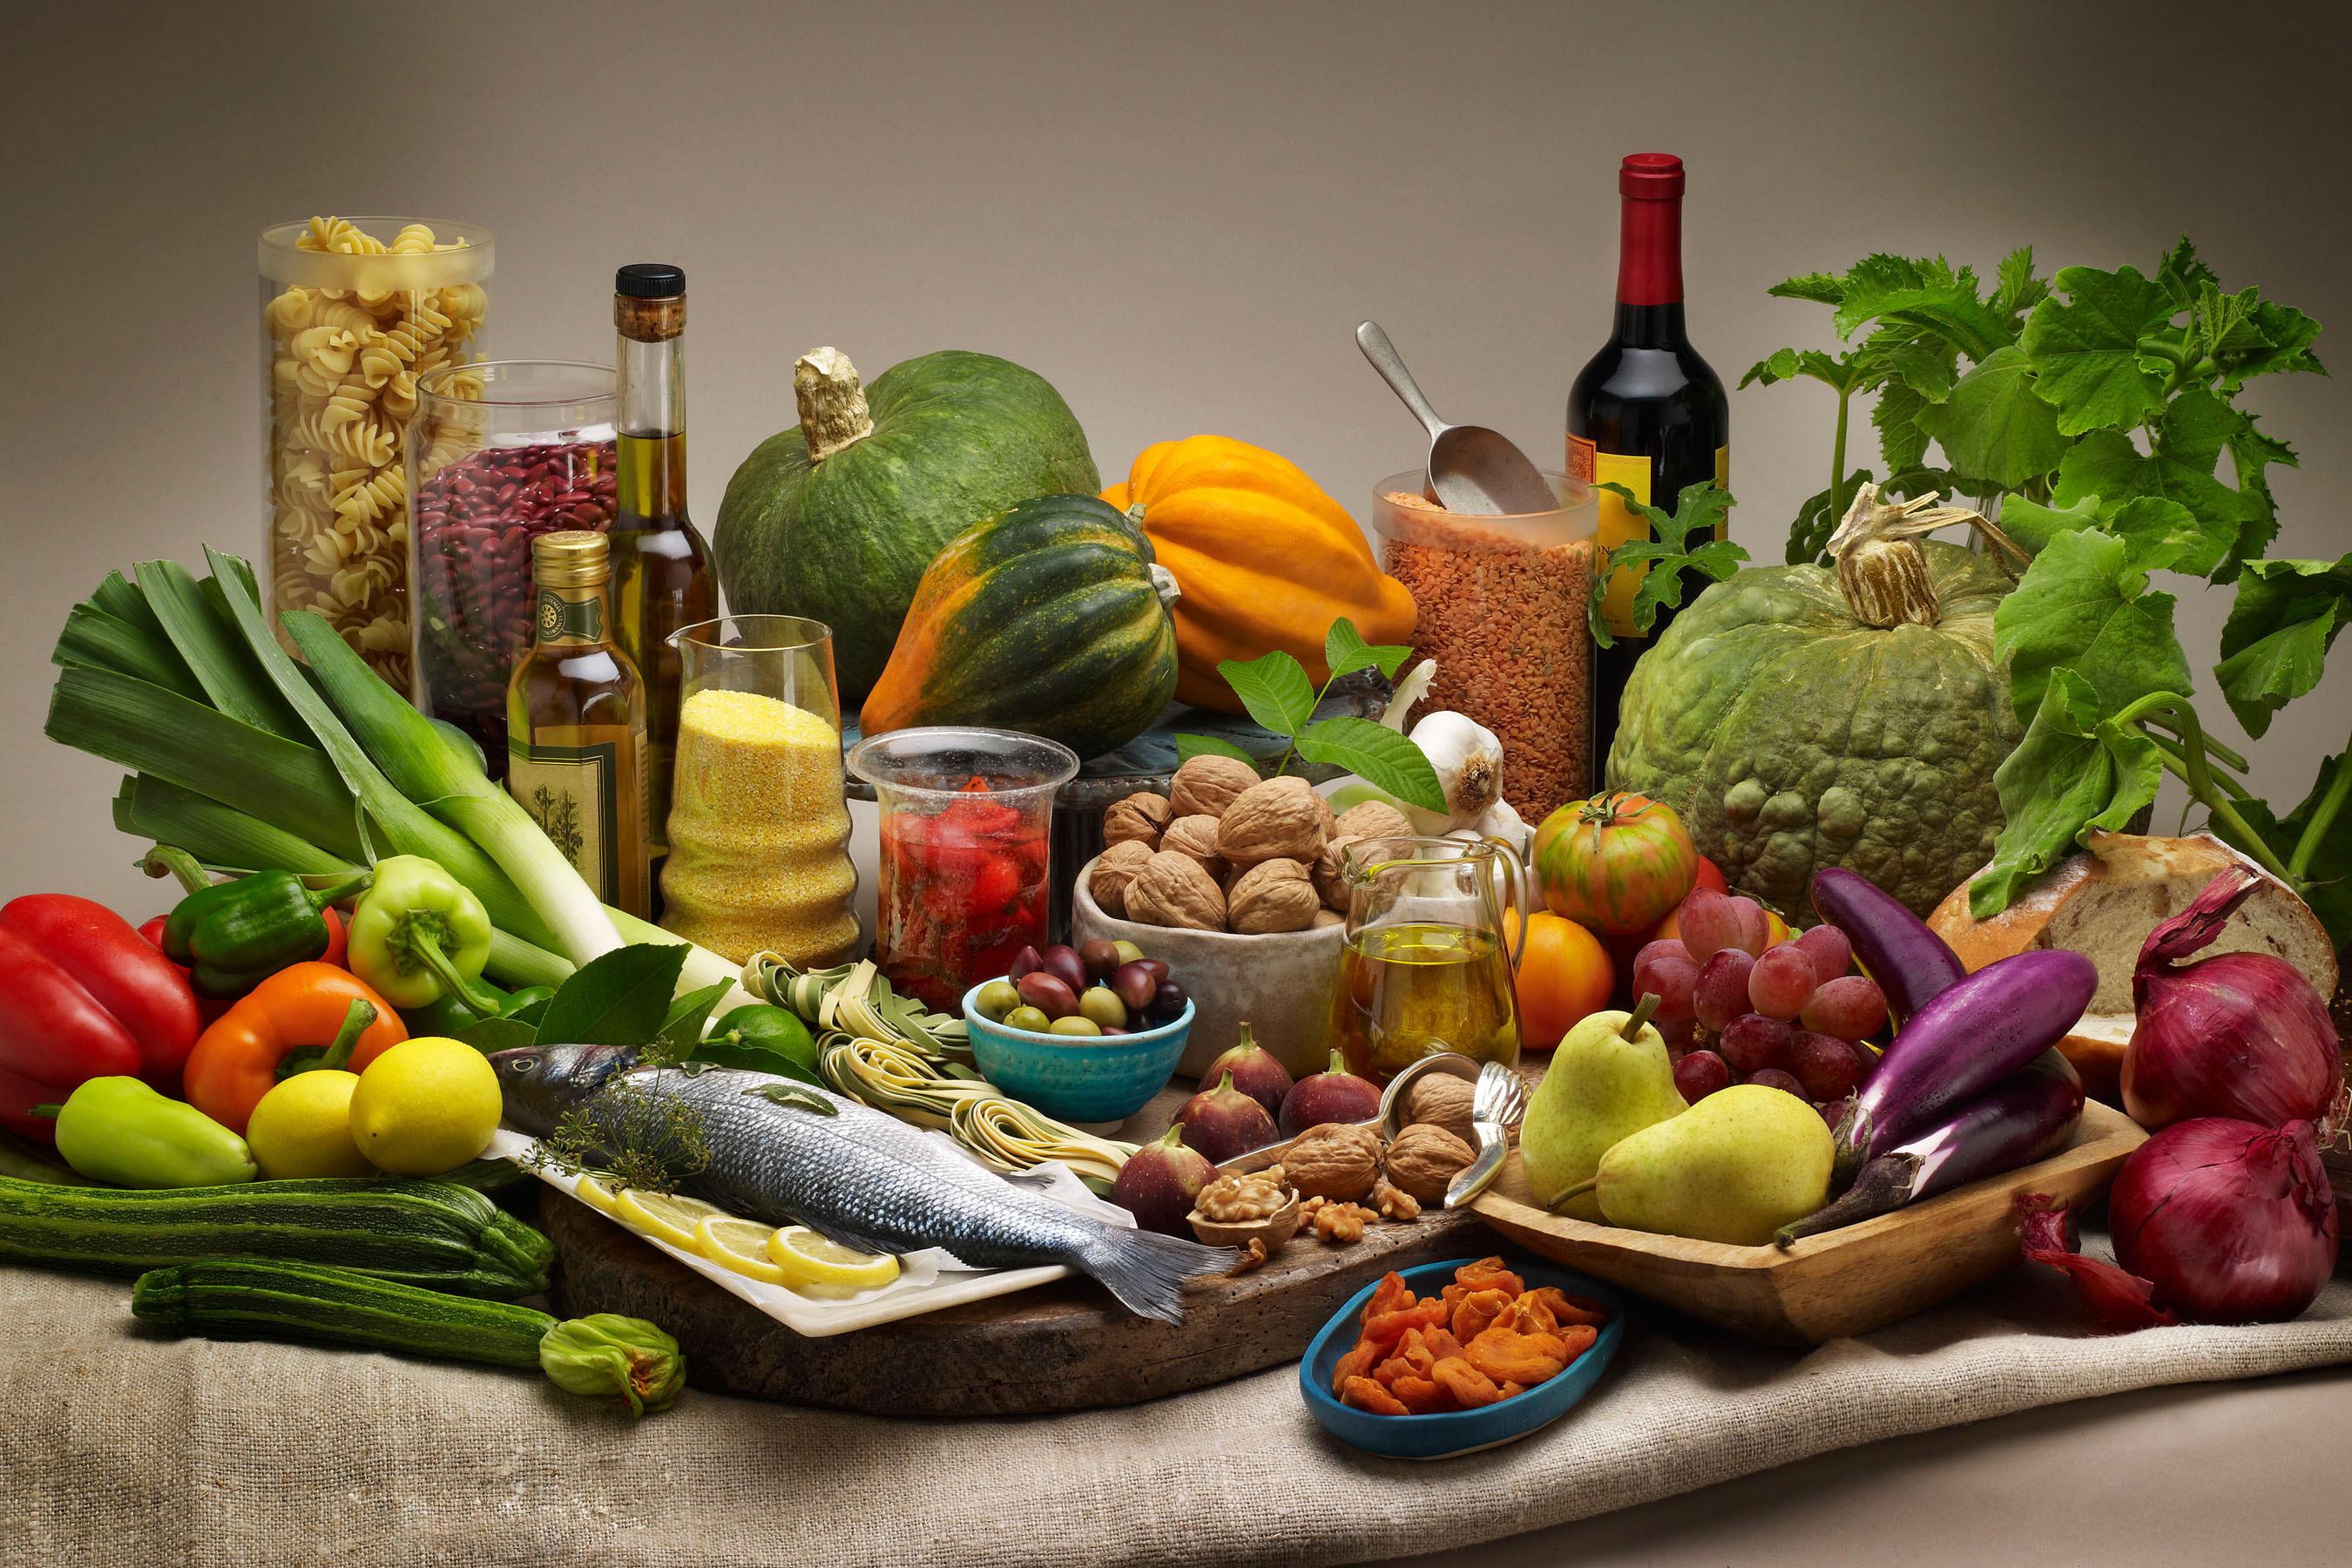 Resultado de imagen para dieta mediterranea imagenes